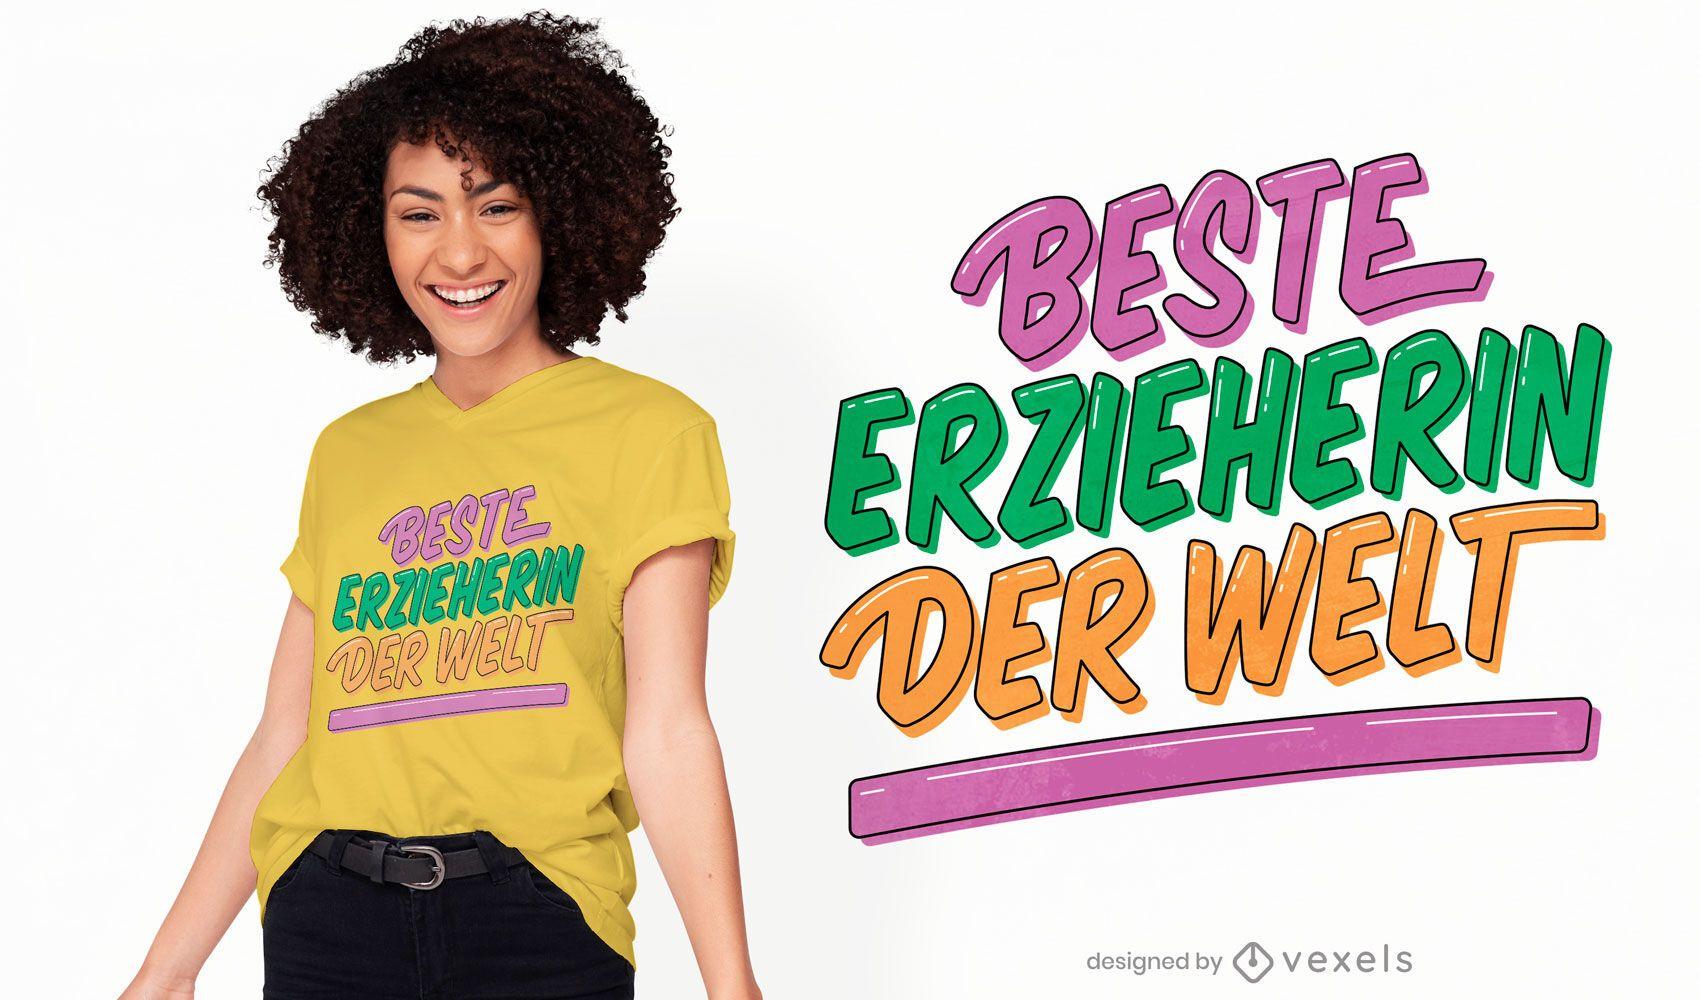 Bester Pädagoge Deutsch Zitat T-Shirt Design